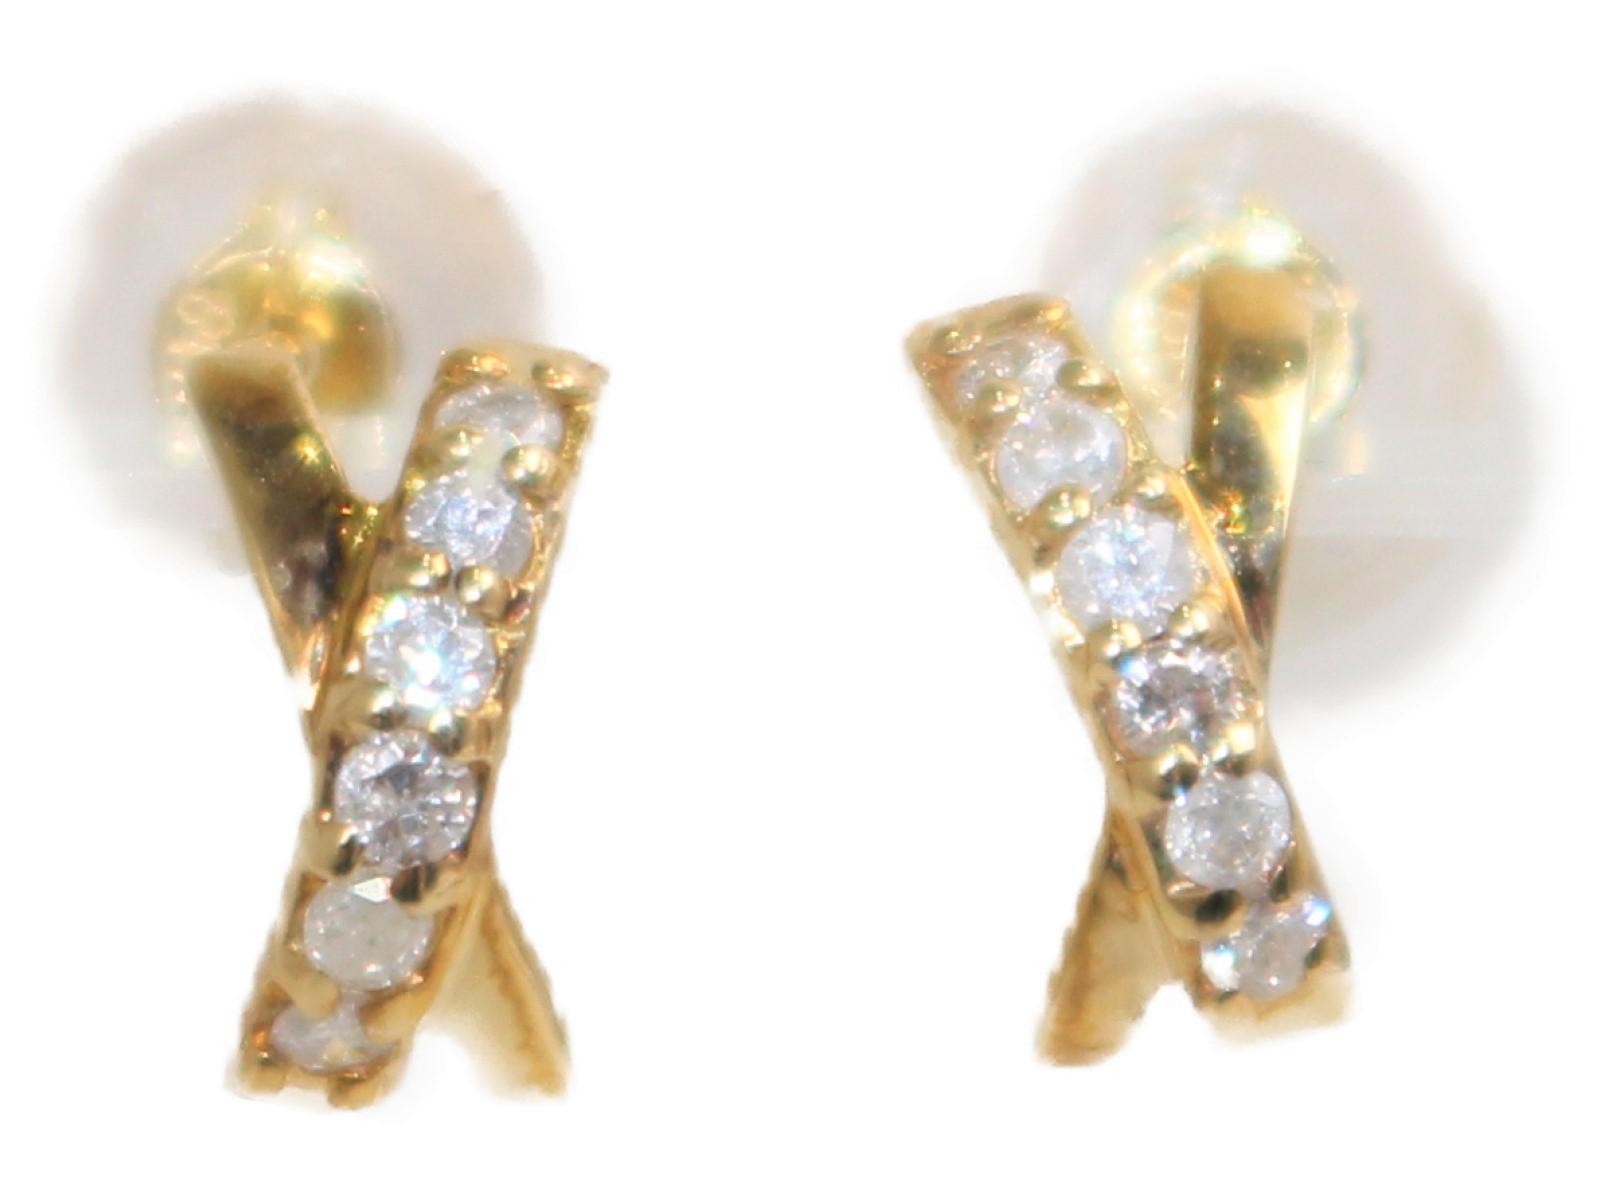 D0.10ctピアス K18 ダイヤモンド 0.5g レディース メンズ ウィメンズ プレゼント シンプル おしゃれ【中古】